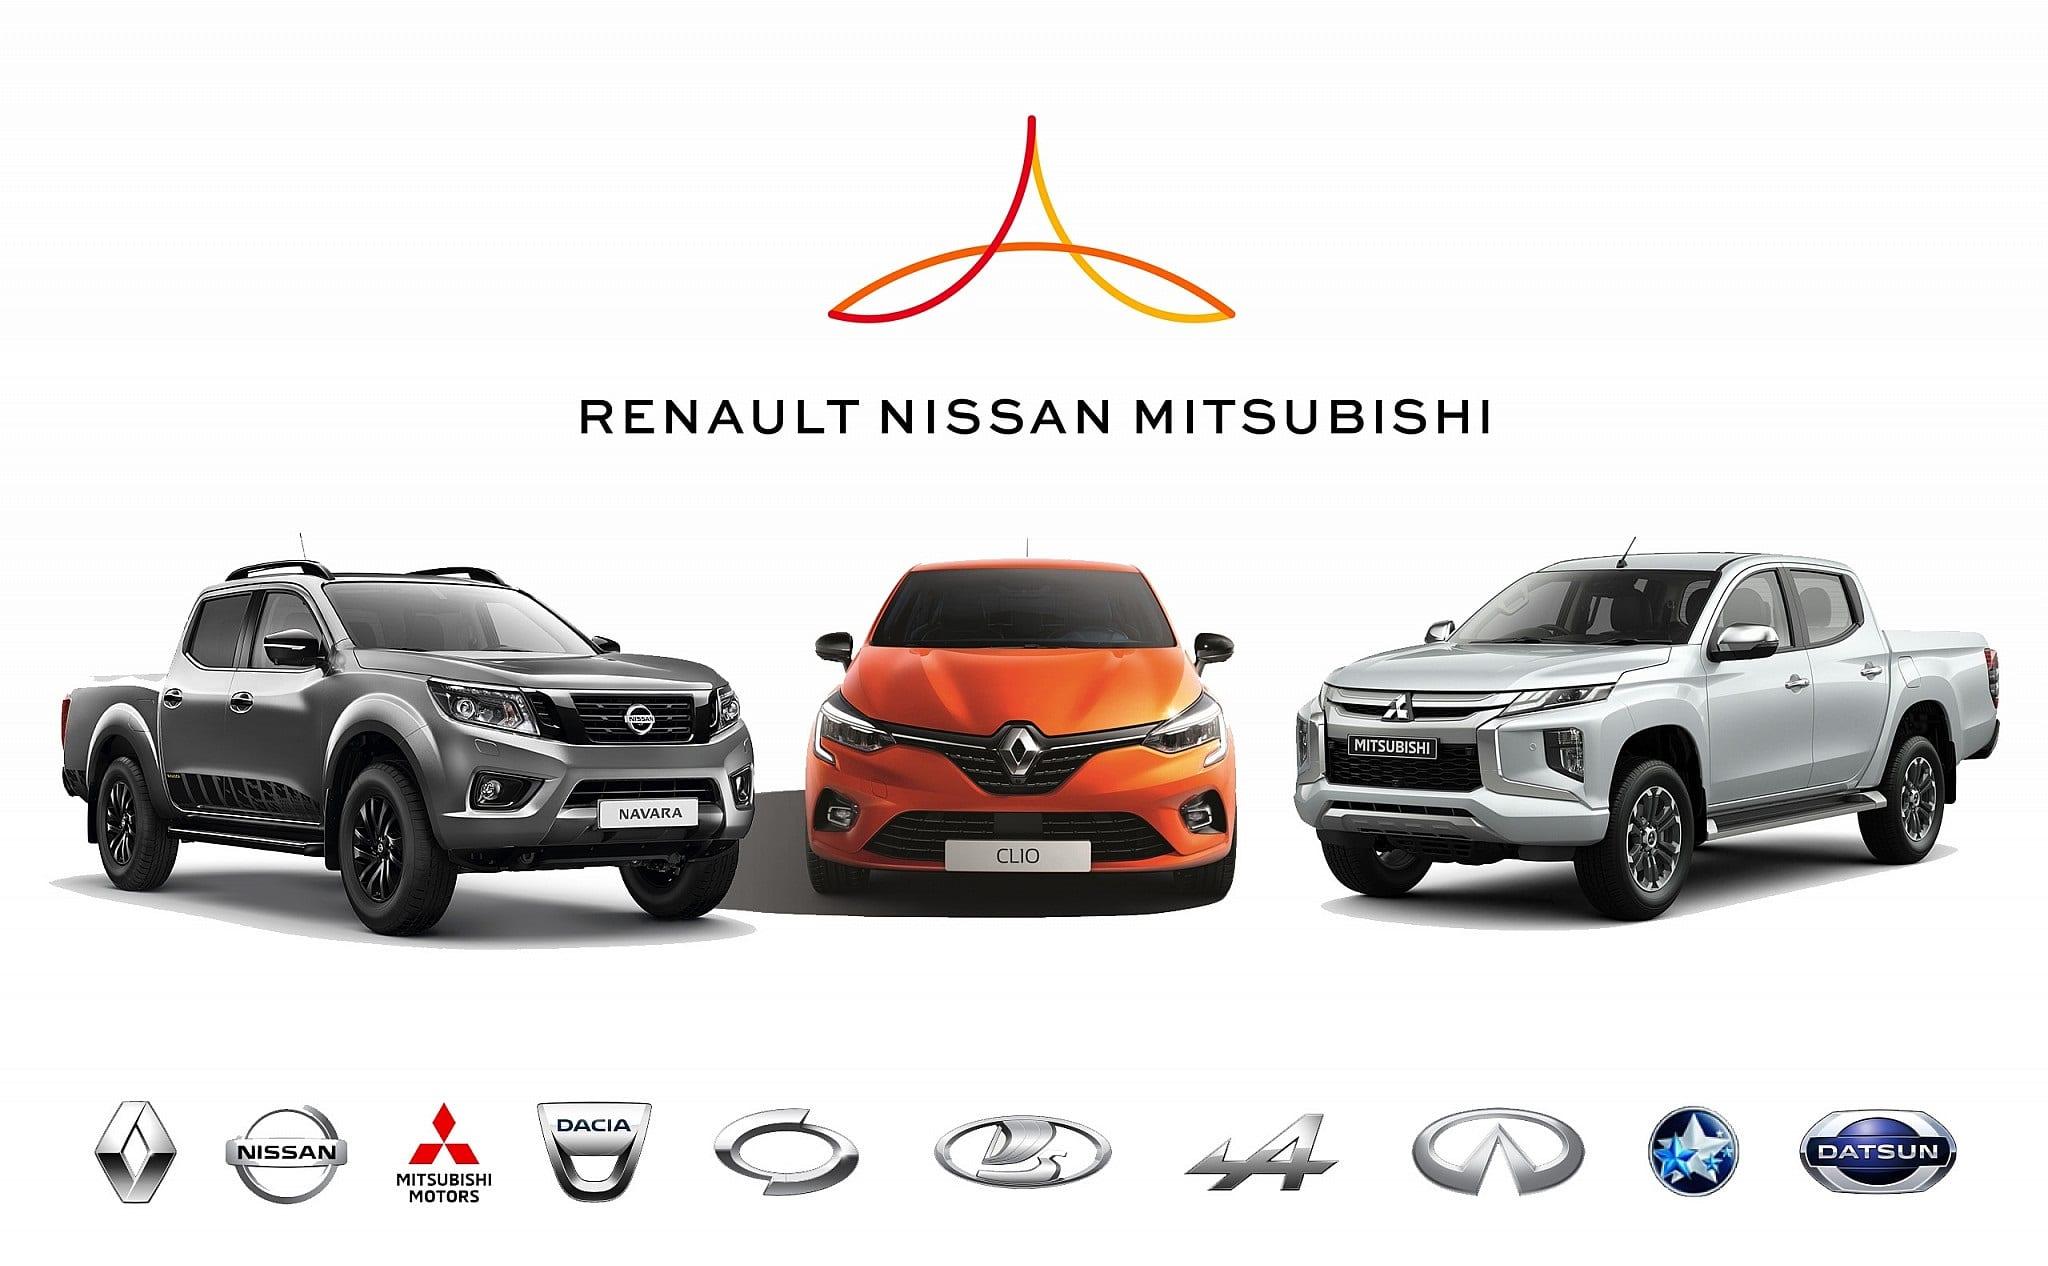 جدایی دو خودروساز پس از ۲۰ سال اتحاد